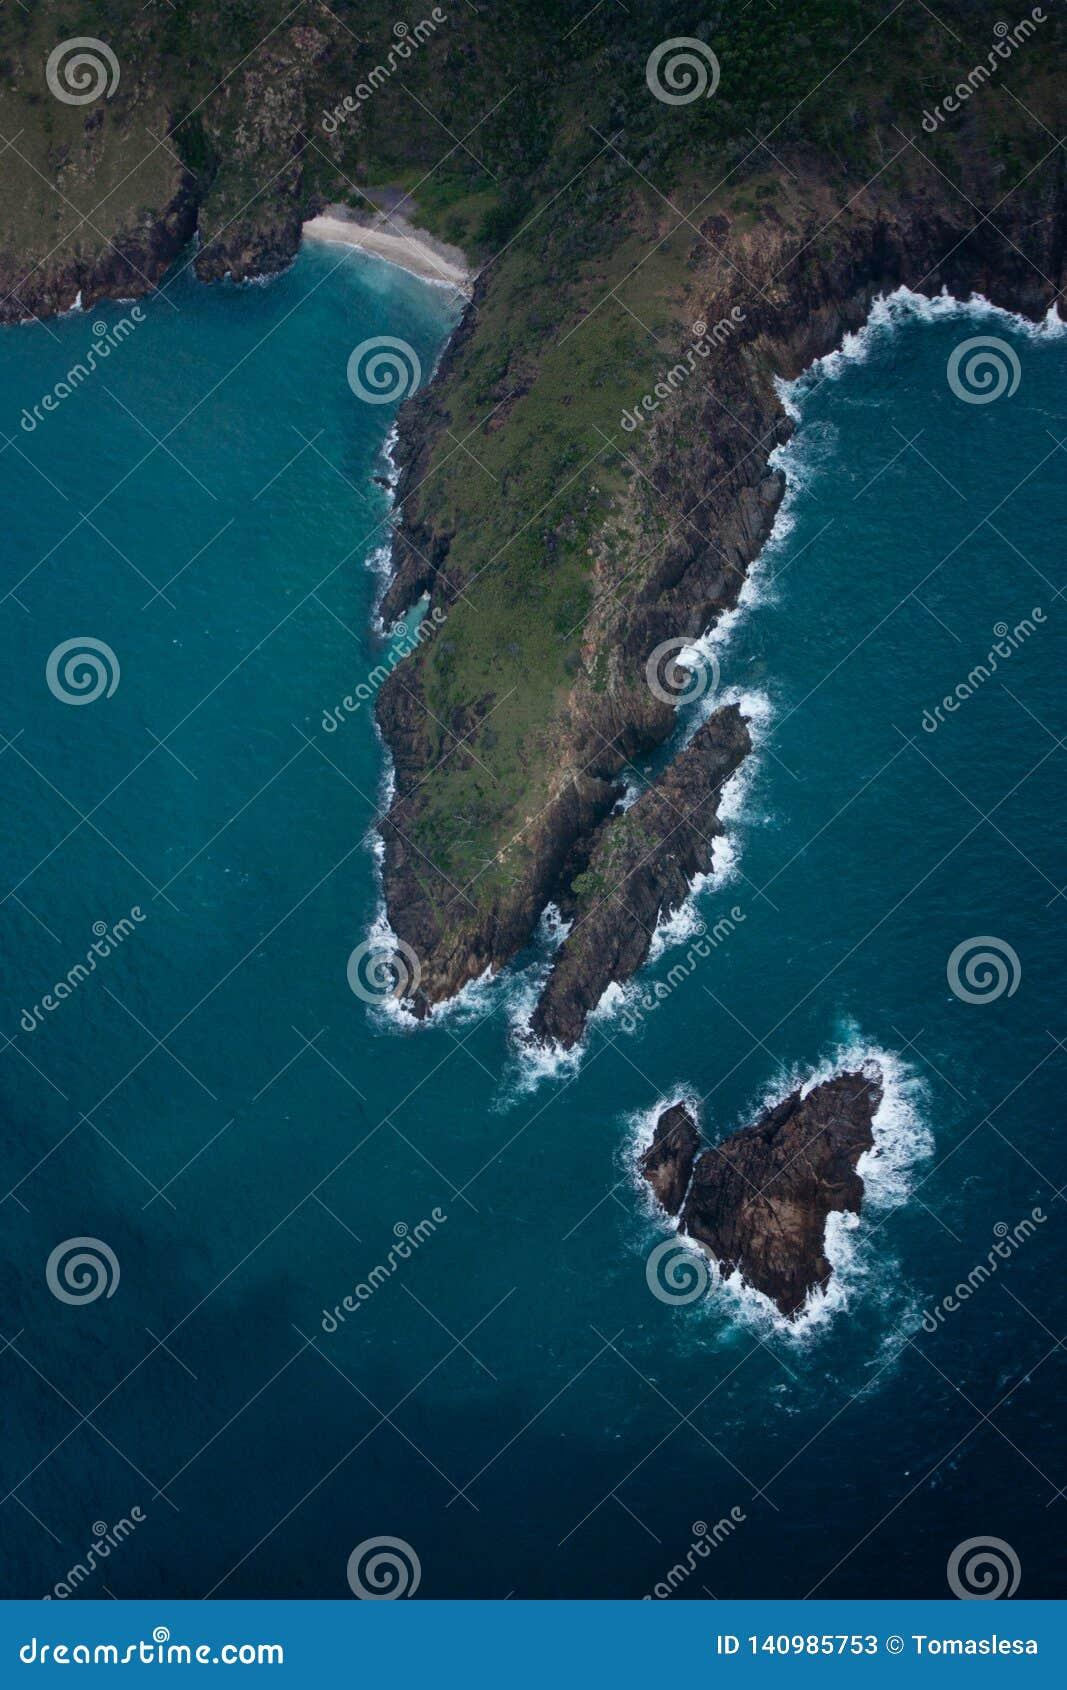 Μια εναέρια άποψη σε ένα νησί και ένα μικρό καρδιά-διαμορφωμένο νησί βράχου σε Whitsundays στην Αυστραλία